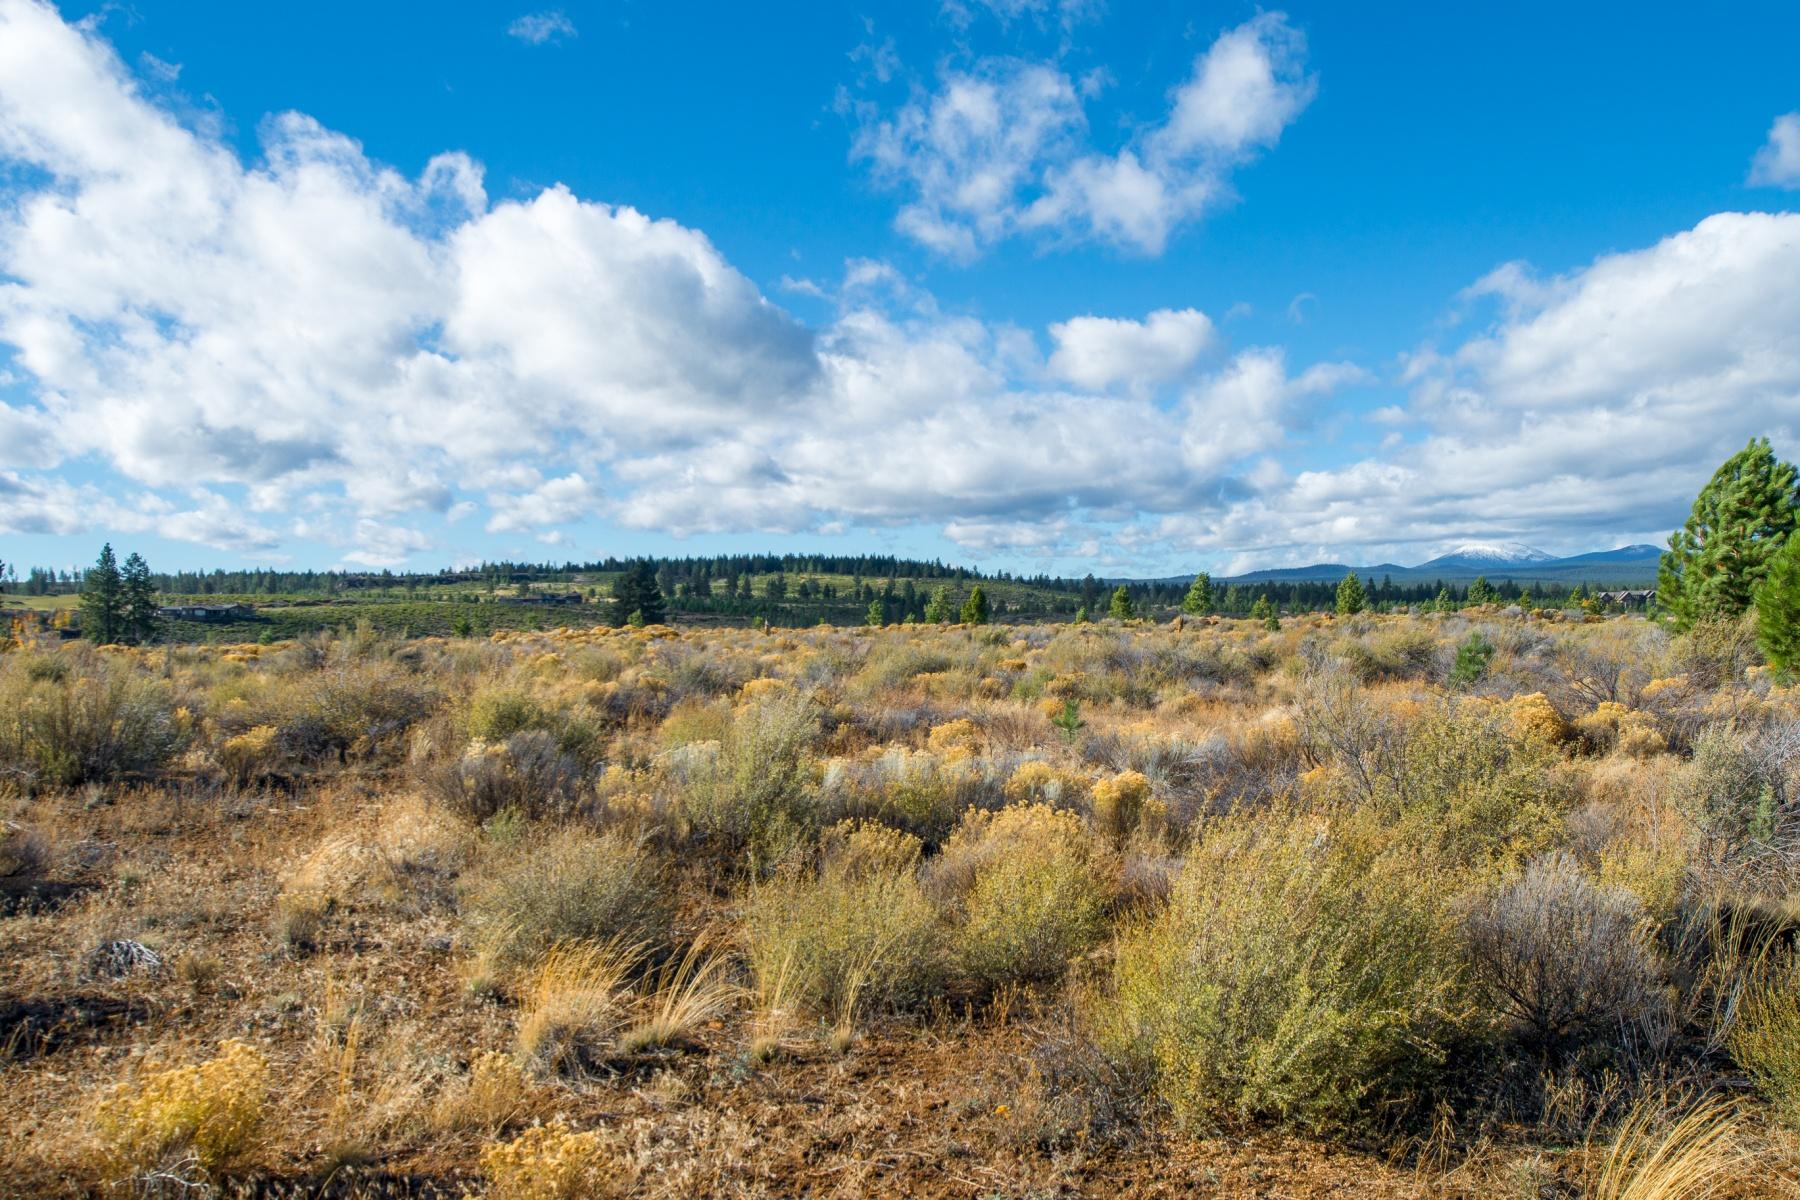 Land for Sale at Tetherow Lot 61631 Hosmer Lake Dr Lot 309 Bend, Oregon 97702 United States